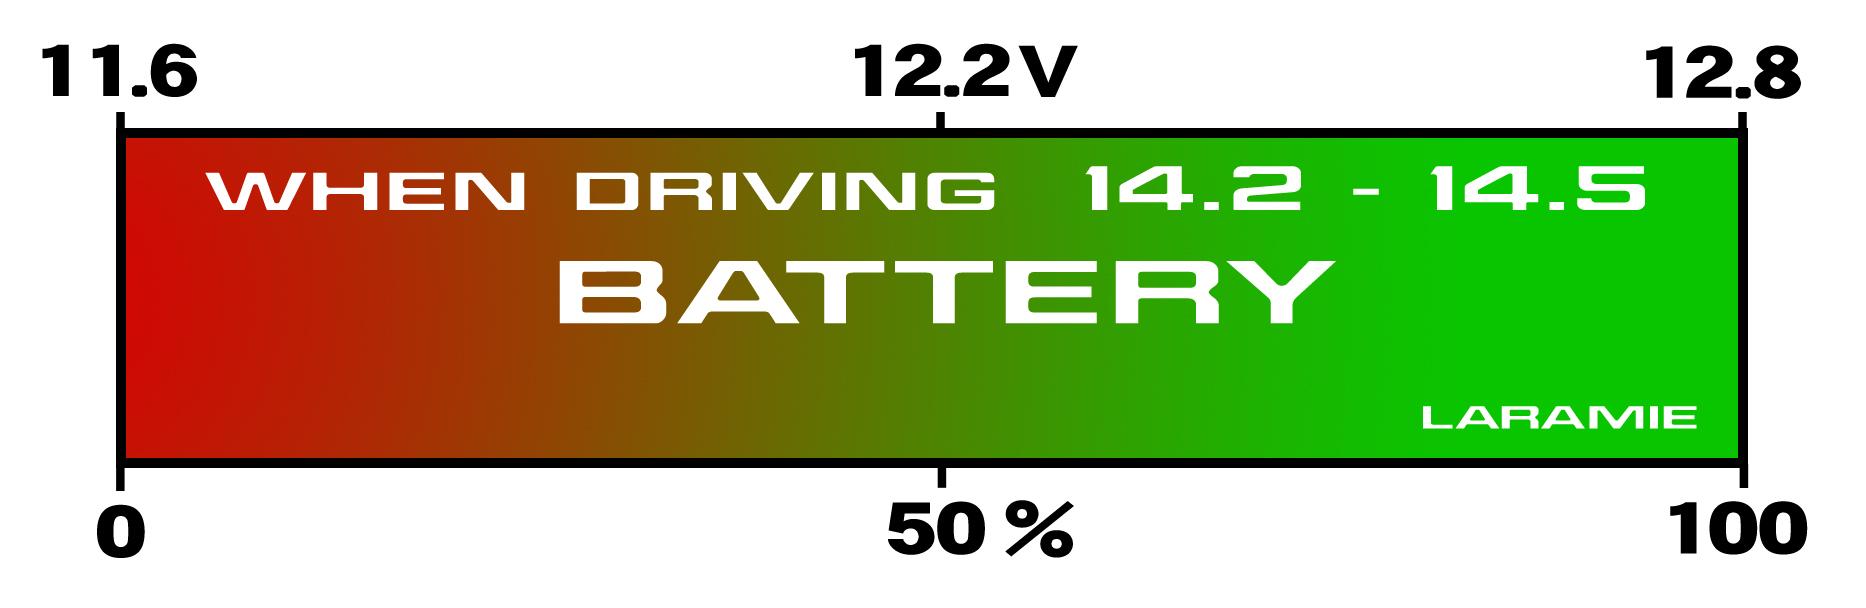 laramie-battery-3.jpg